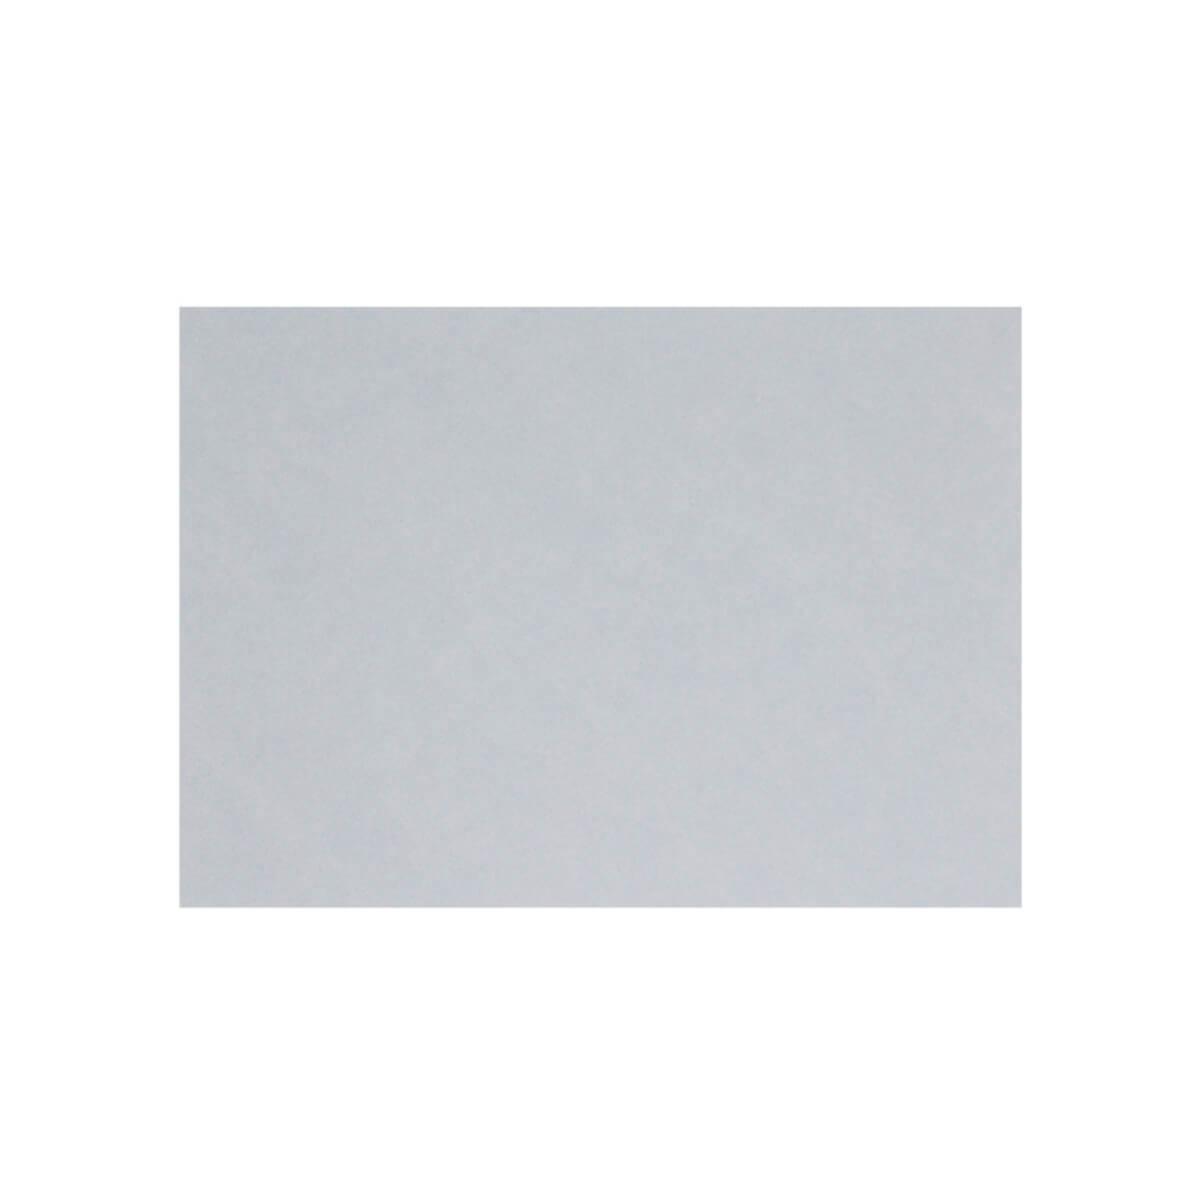 PALE GREY 125 x 175mm ENVELOPES